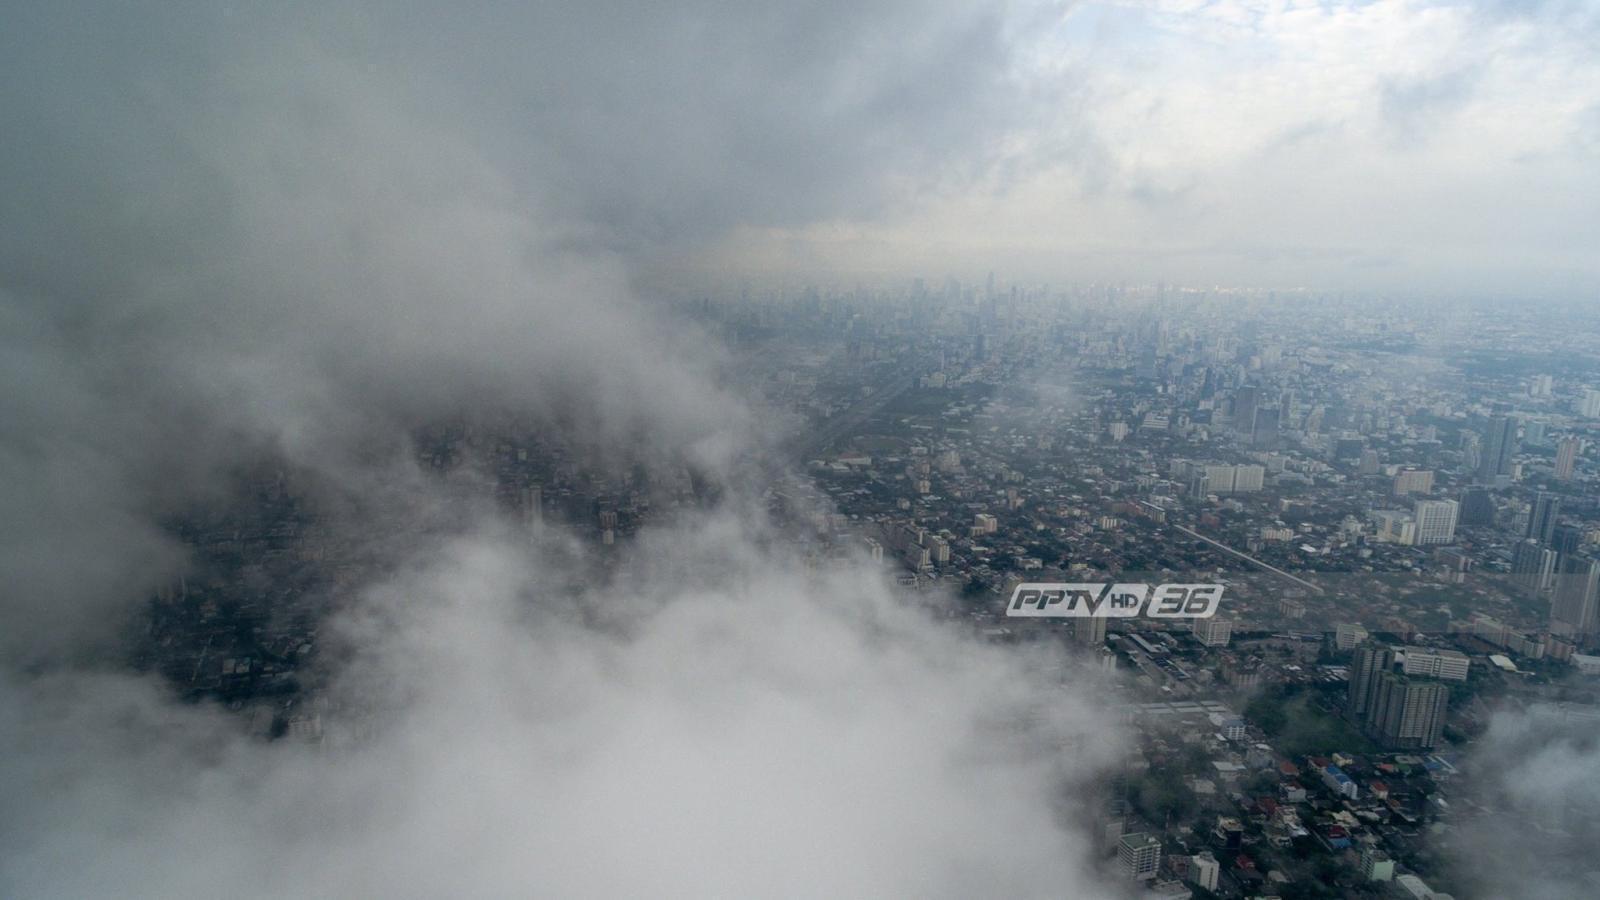 """ประกาศฉบับที่ 11 พายุ""""แมตโม"""" เตือน อีสาน-ตะวันออก ฝนถล่ม น้ำท่วมฉับพลัน"""